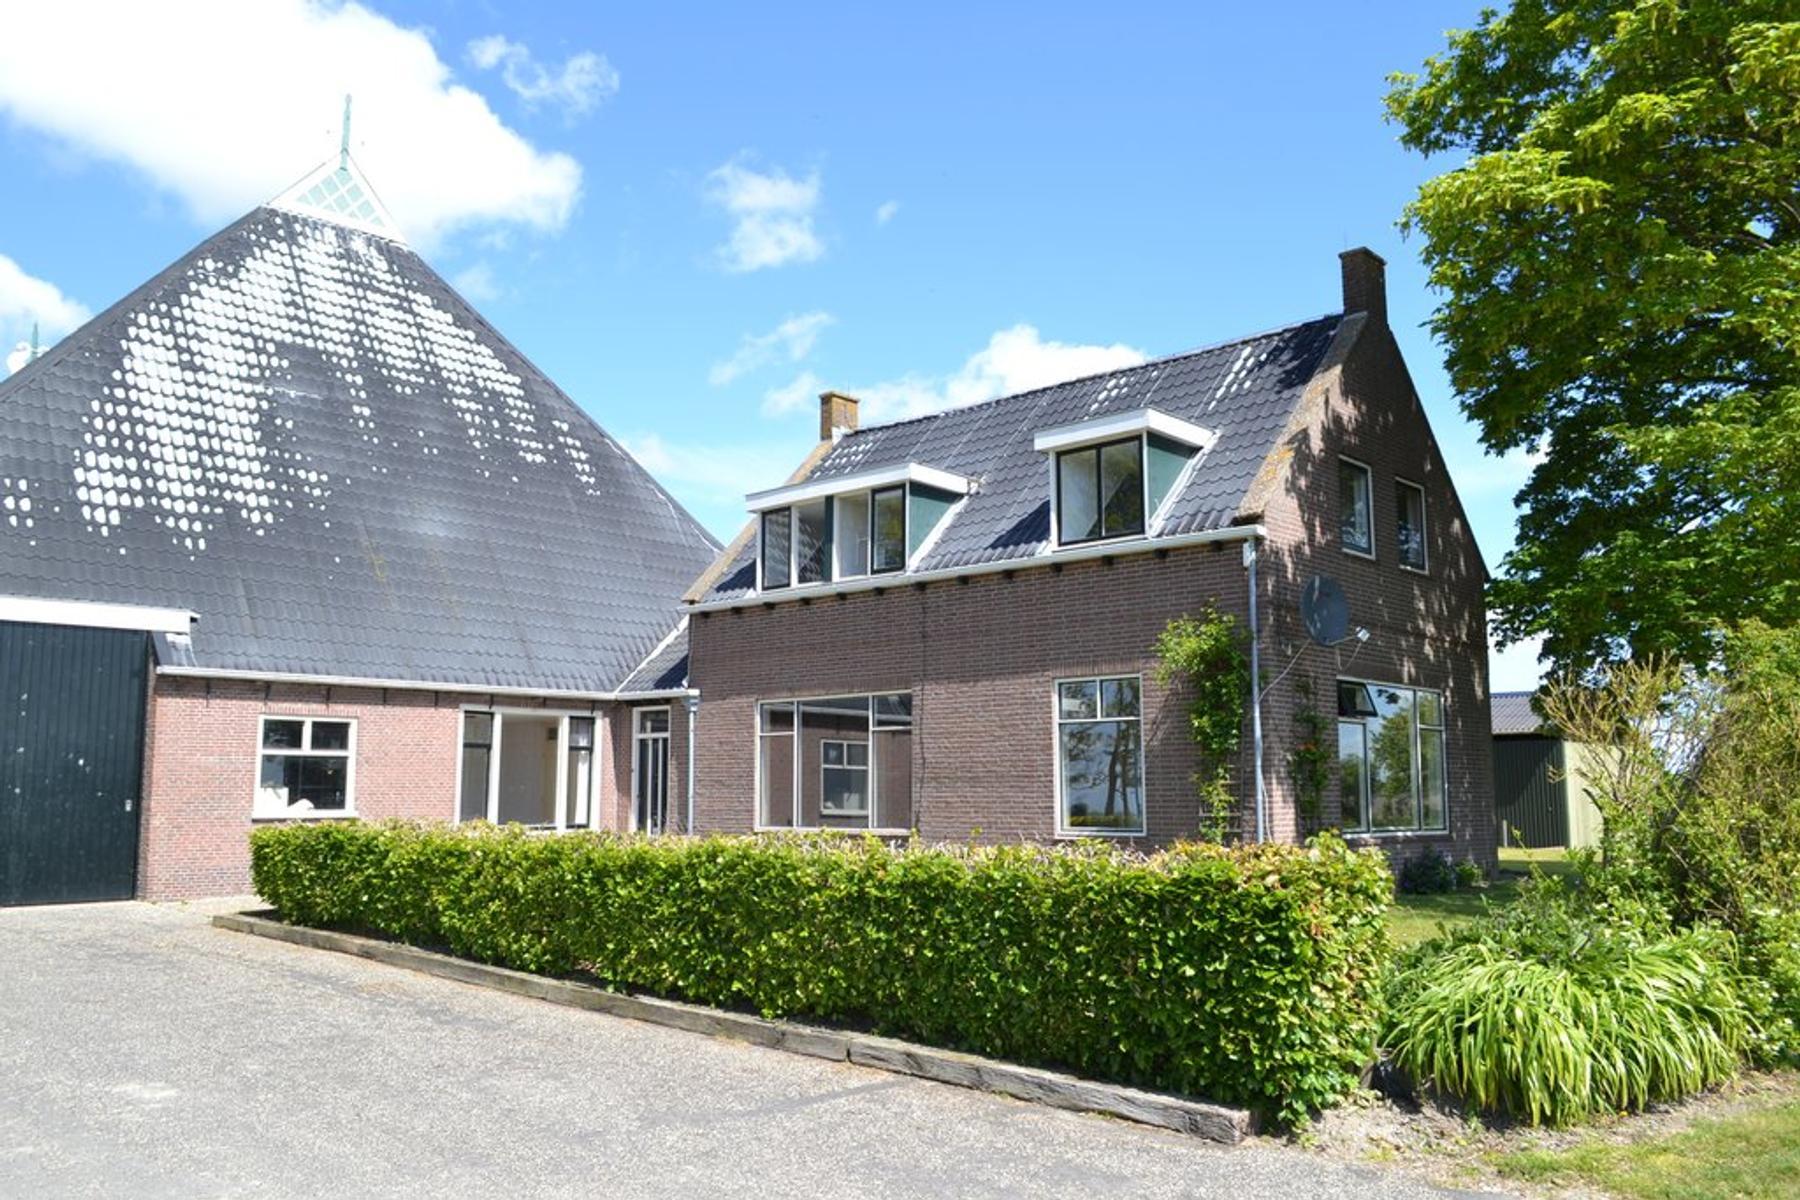 Slappeterpsterdyk 6 in Skingen 8816 HT